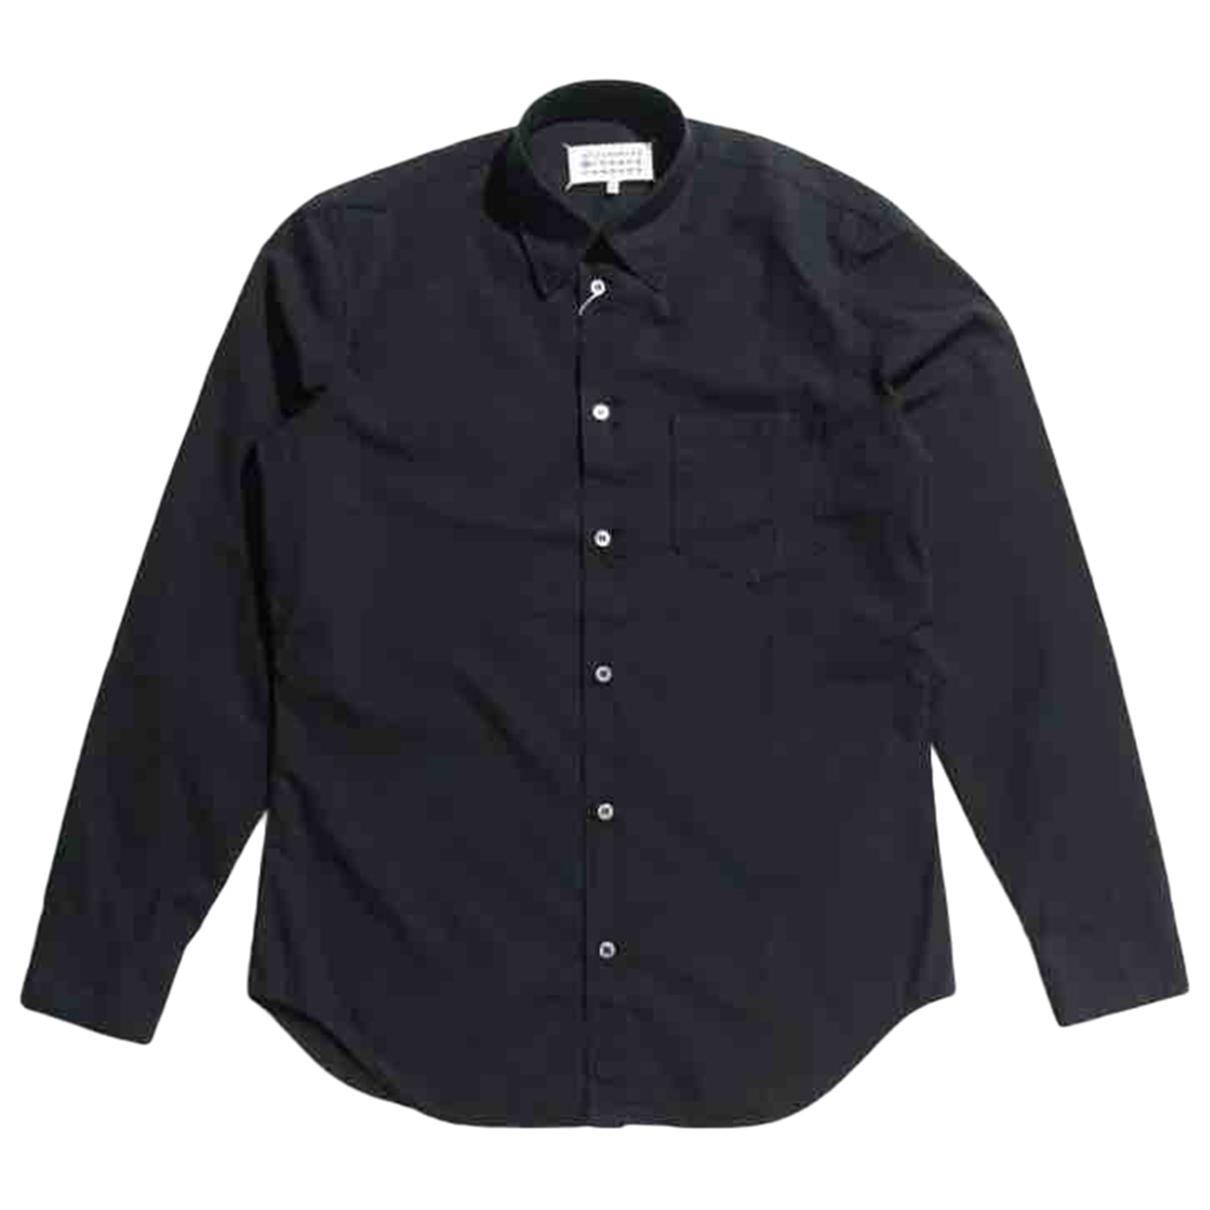 Maison Martin Margiela - Chemises   pour homme en coton - noir